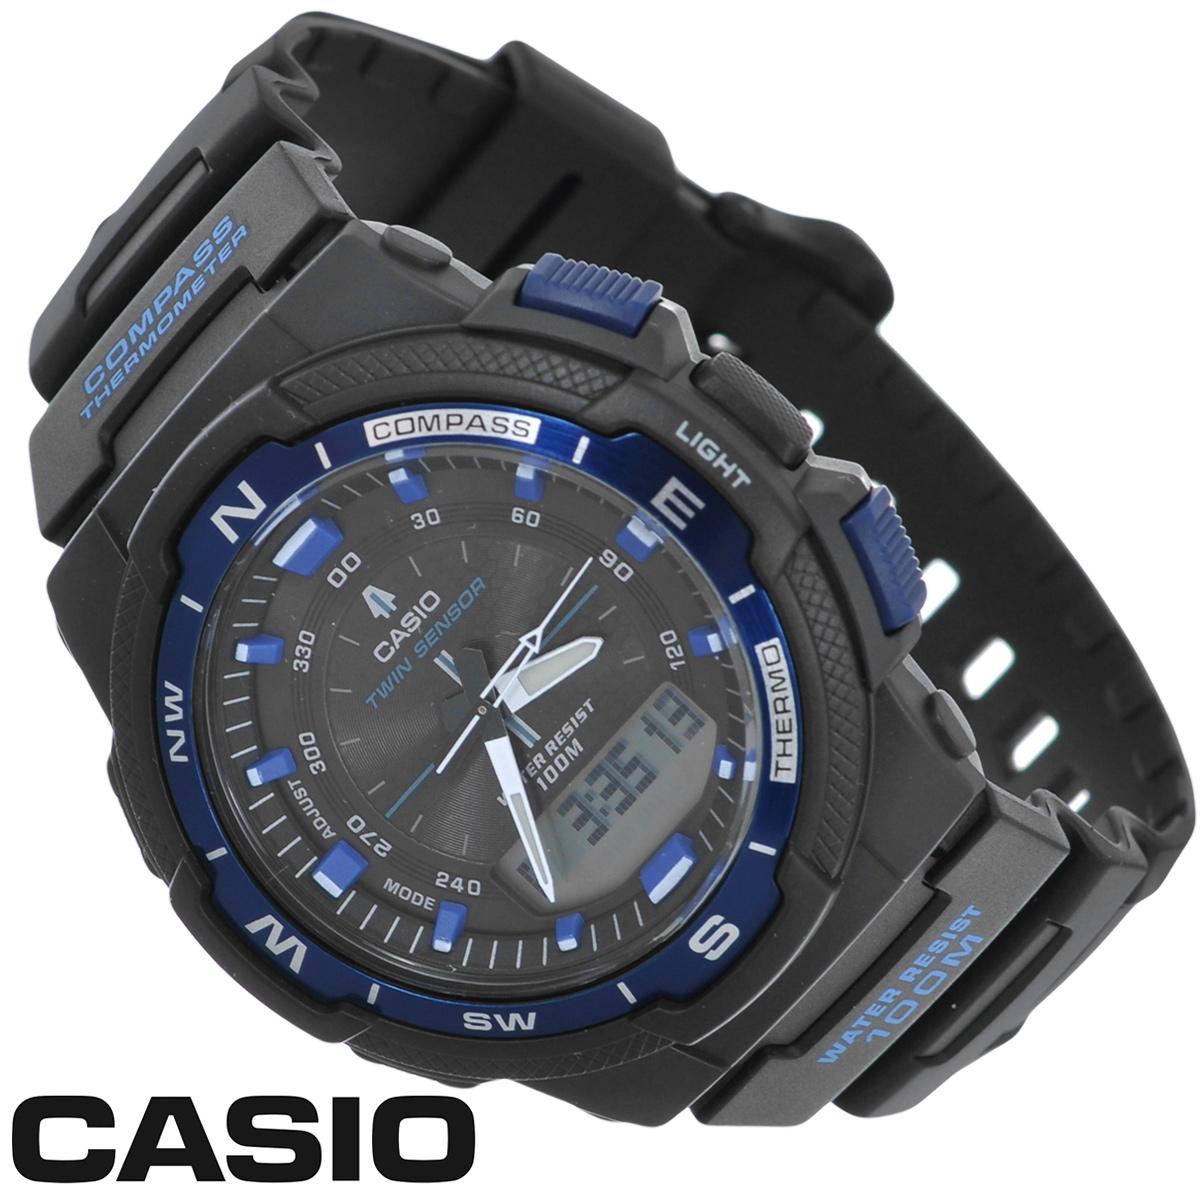 Часы мужские наручные Casio, цвет: черный, синий. SGW-500H-2BSGW-500H-2BСтильные многофункциональные часы от японского брэнда Casio - это яркий функциональный аксессуар для современных людей, которые стремятся выделиться из толпы и подчеркнуть свою индивидуальность. Часы выполнены в спортивном стиле. Электронные часы оснащены японским кварцевым механизмом. Корпус часов изготовлен из пластика и имеет алюминиевый безель. Циферблат оснащен тремя стрелками и подсвечивается светодиодом. Ремешок из пластика имеет классическую застежку. Основные функции: - 5 будильников, ежечасный сигнал; - встроенный датчик температур от -10° до +60°С с точностью 0,1°C; - автоматический календарь (число, месяц, день недели, год); - встроенный цифровой компас; - секундомер с точностью показаний 1/100 с, время измерения 24 ч; - 12-ти и 24-х часовой формат времени; - таймер обратного отсчета от 1 мин до 100 мин; - функция включения/отключения звука; - ...